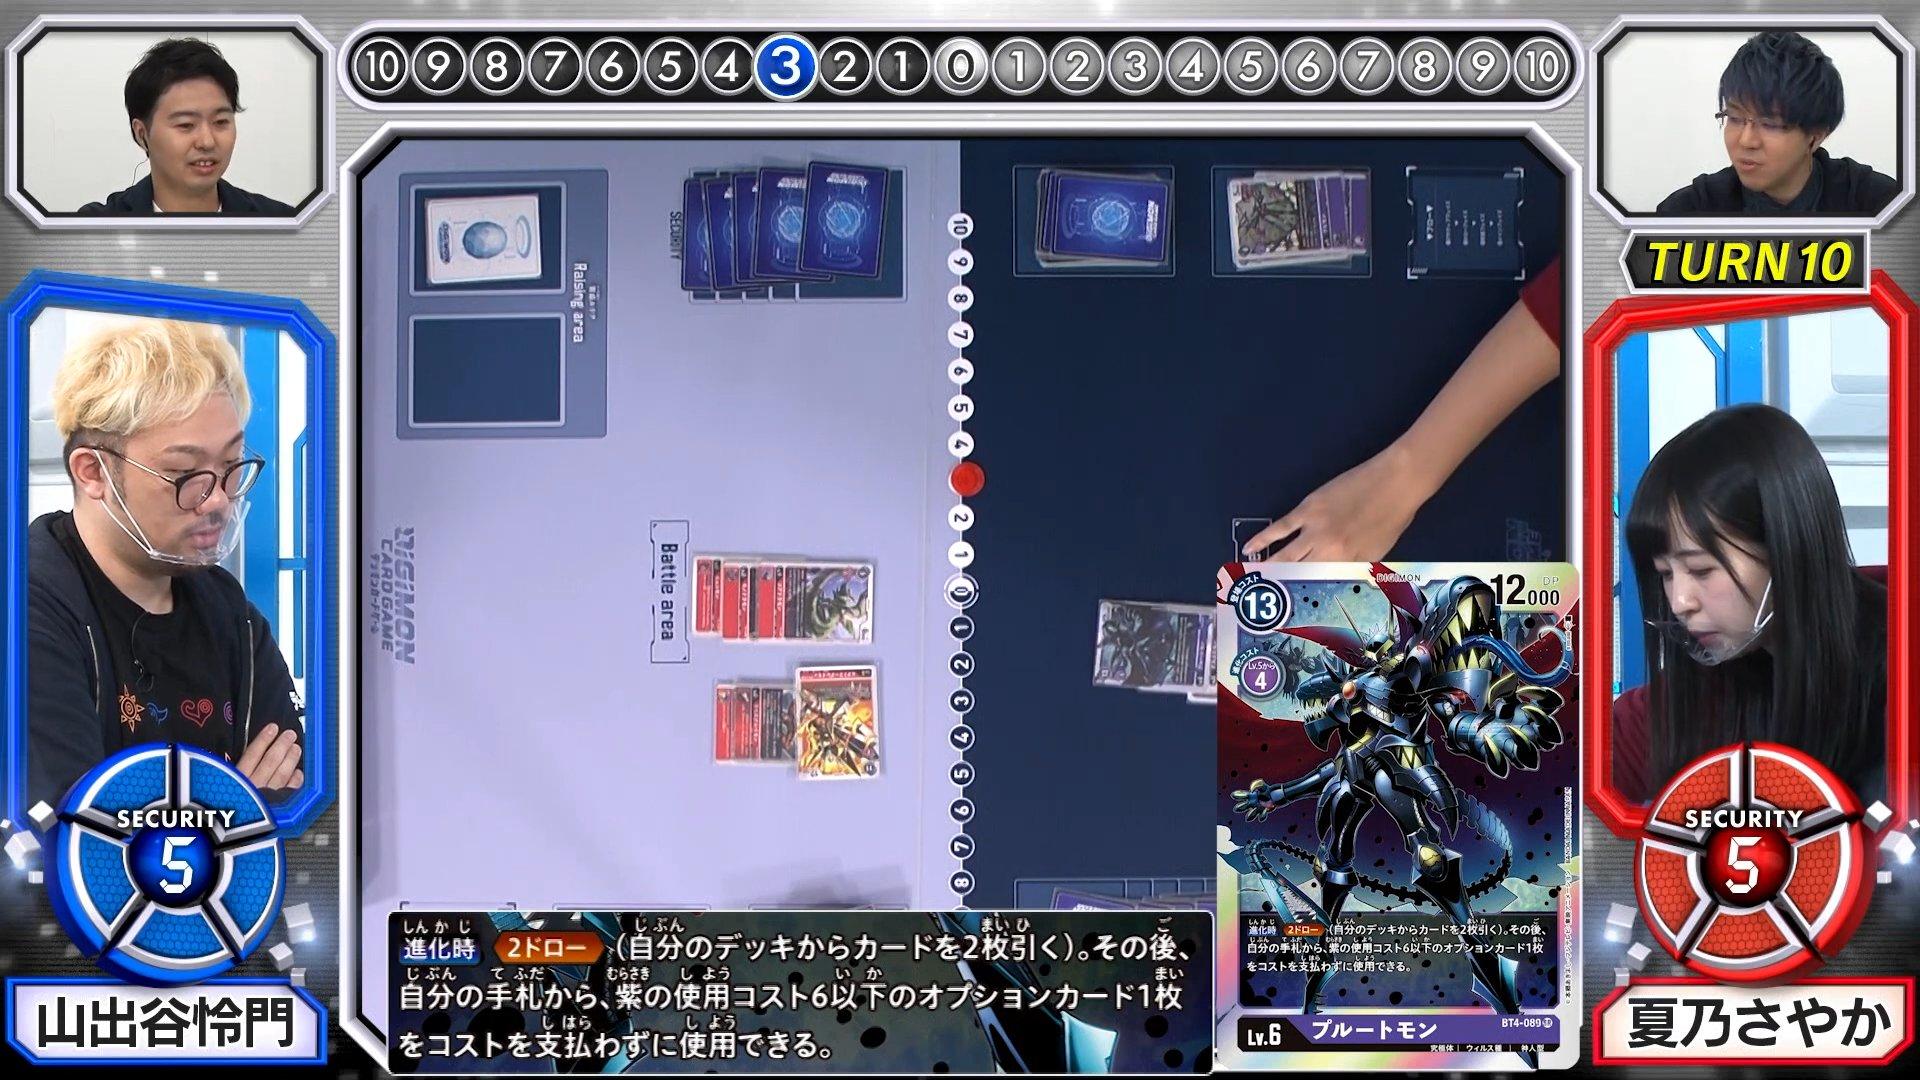 digimoncardbattle_v2_15_05_january21_2021.jpg